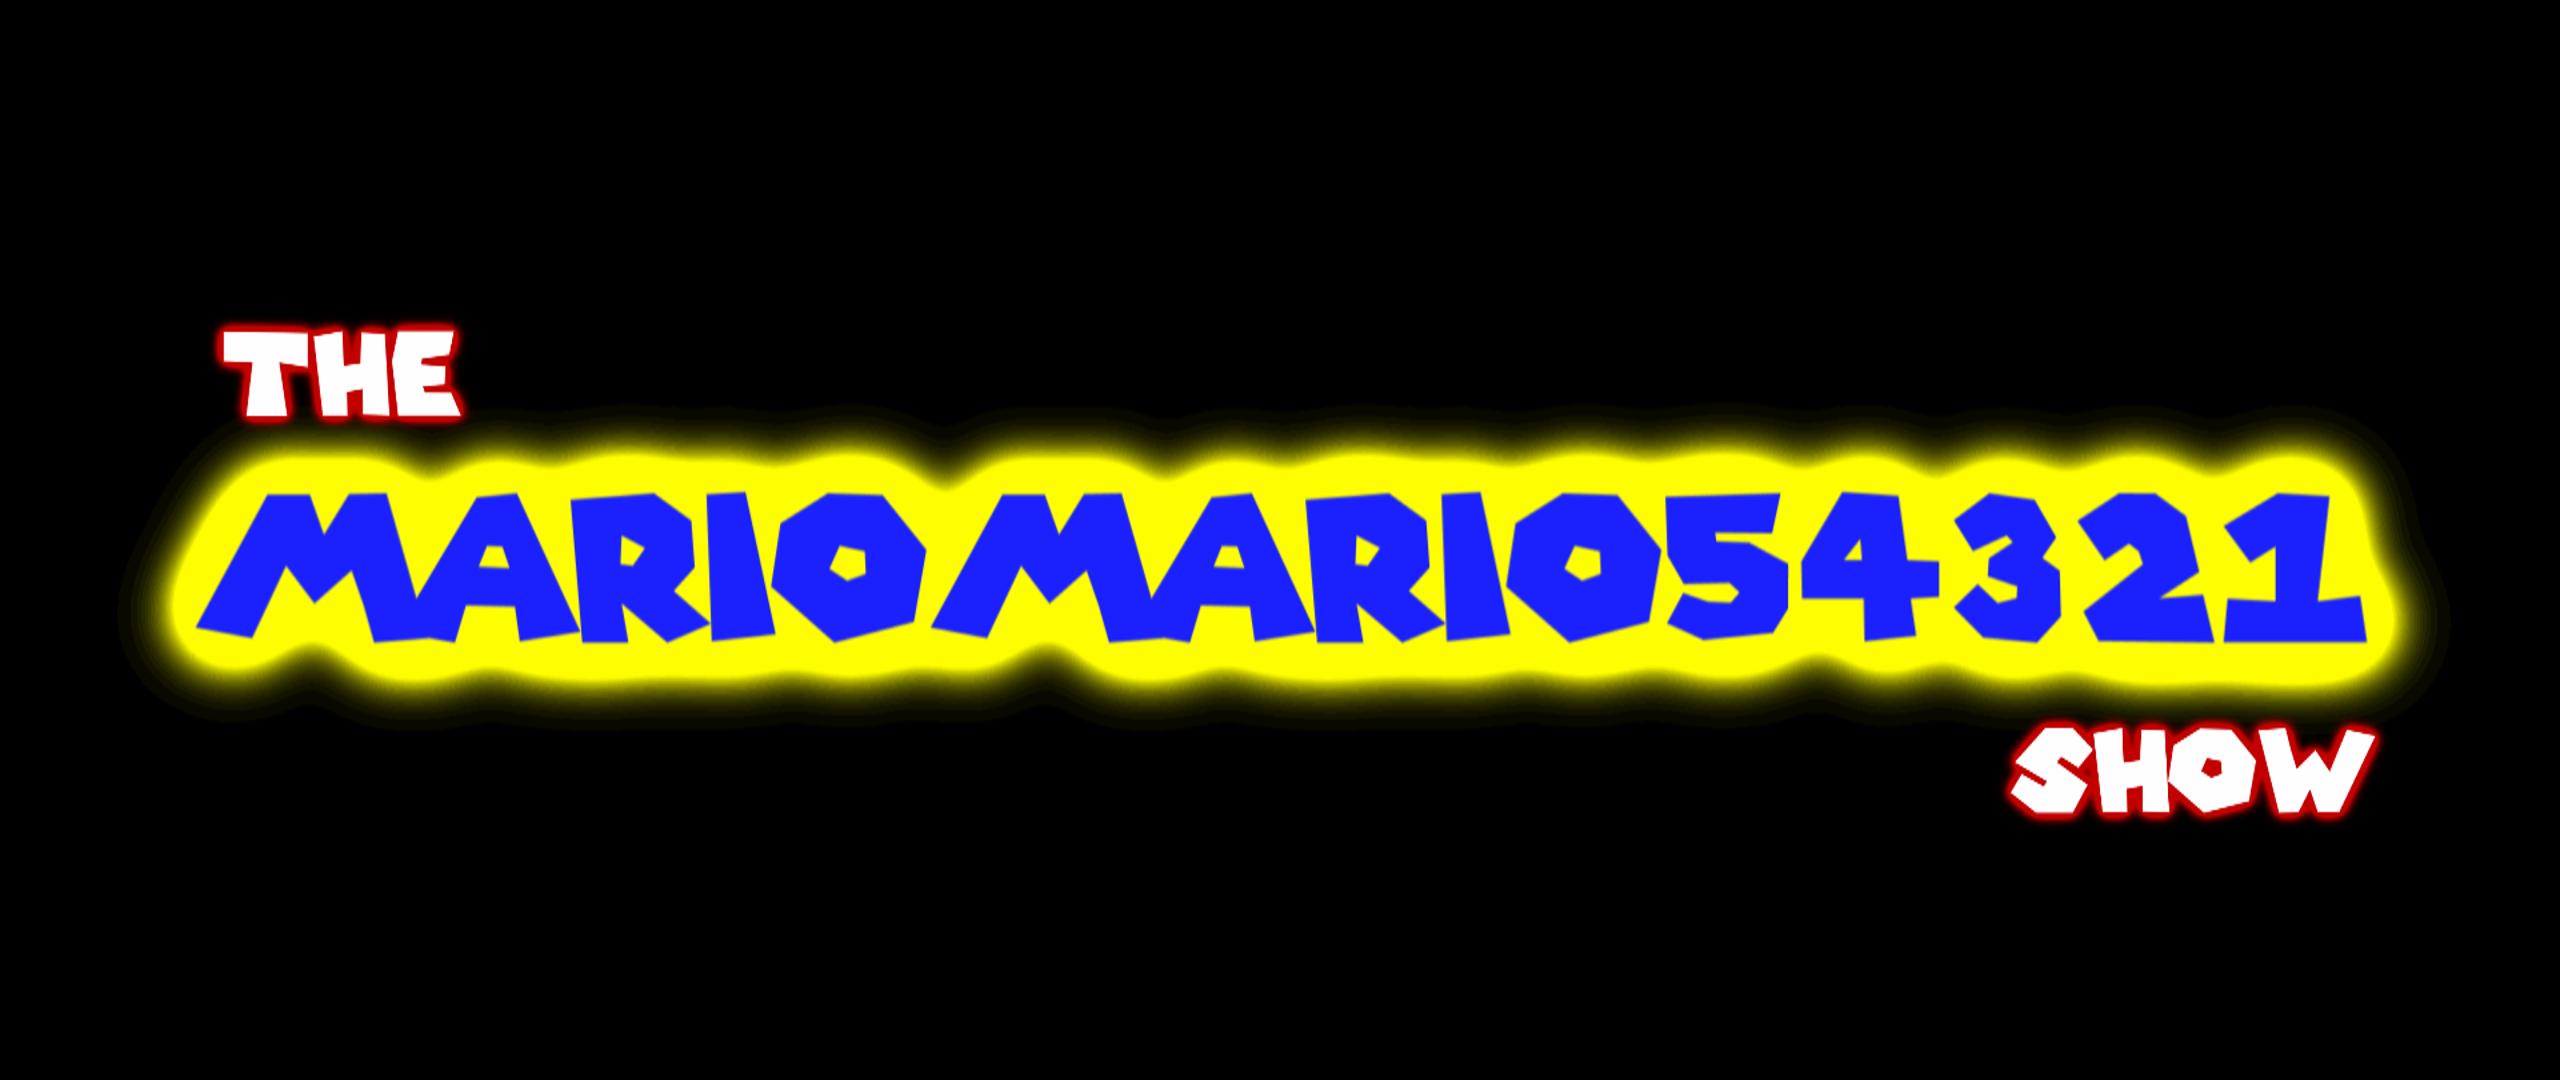 The MarioMario54321 Show